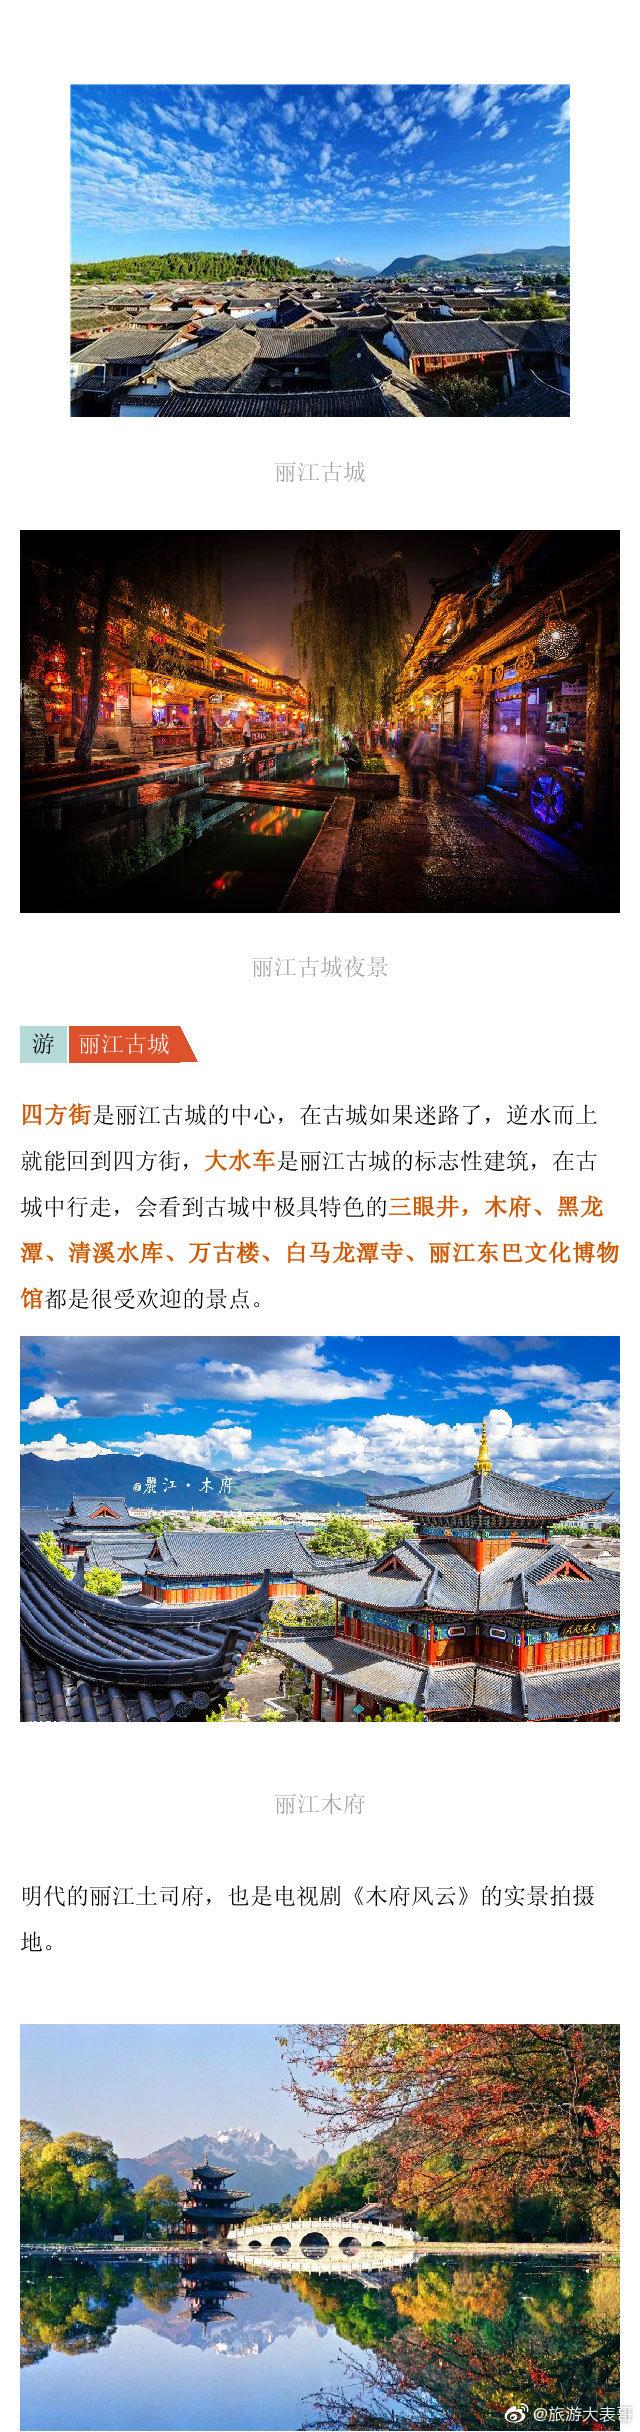 丽江旅游全攻略,含吃住行游,需转~~ :丽江滇西王子餐厅